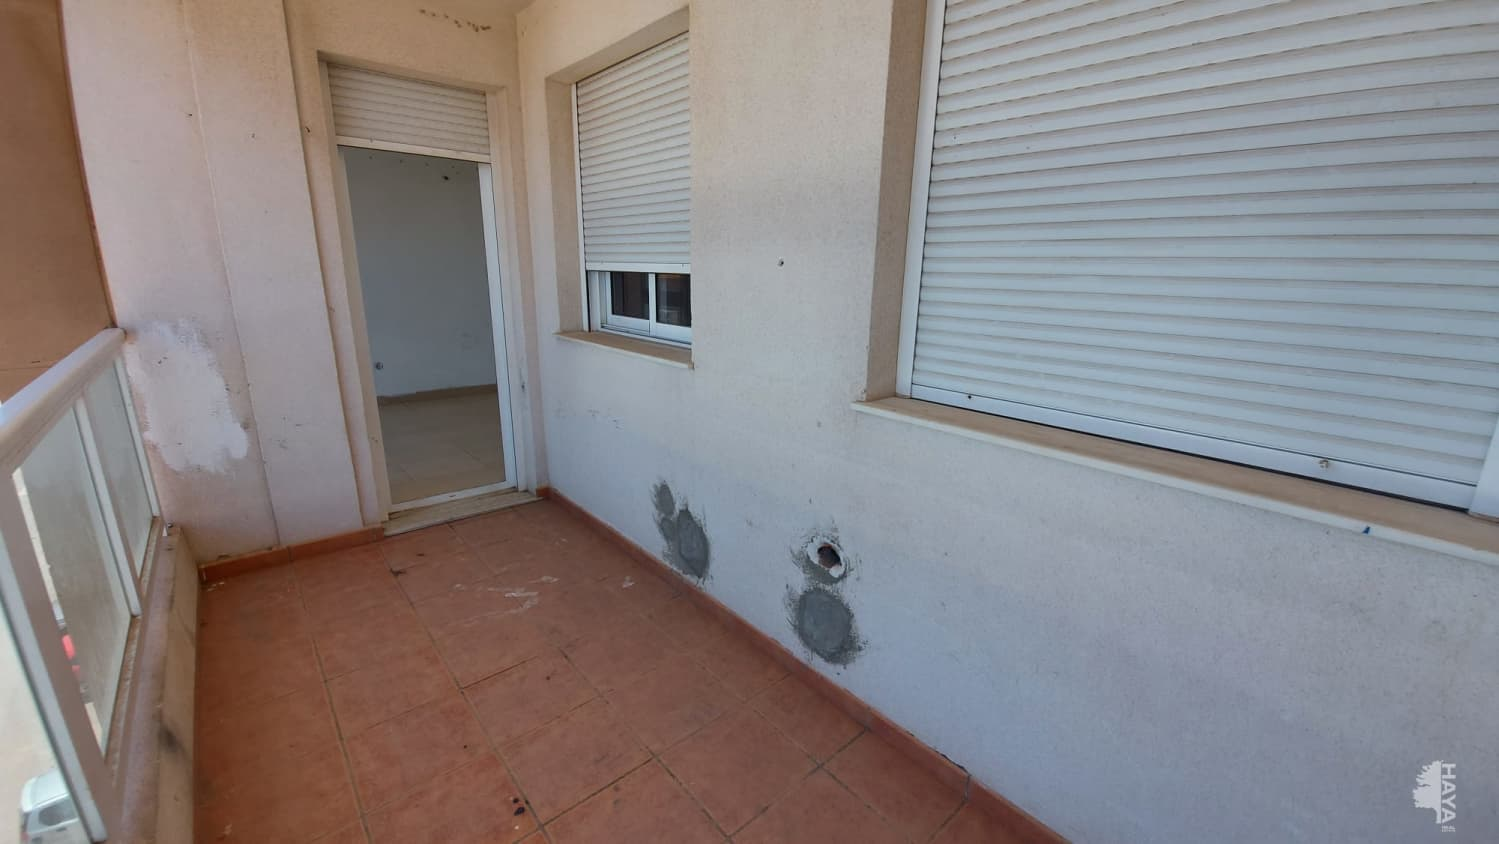 Piso en venta en Piso en Roquetas de Mar, Almería, 78.000 €, 3 habitaciones, 1 baño, 97 m2